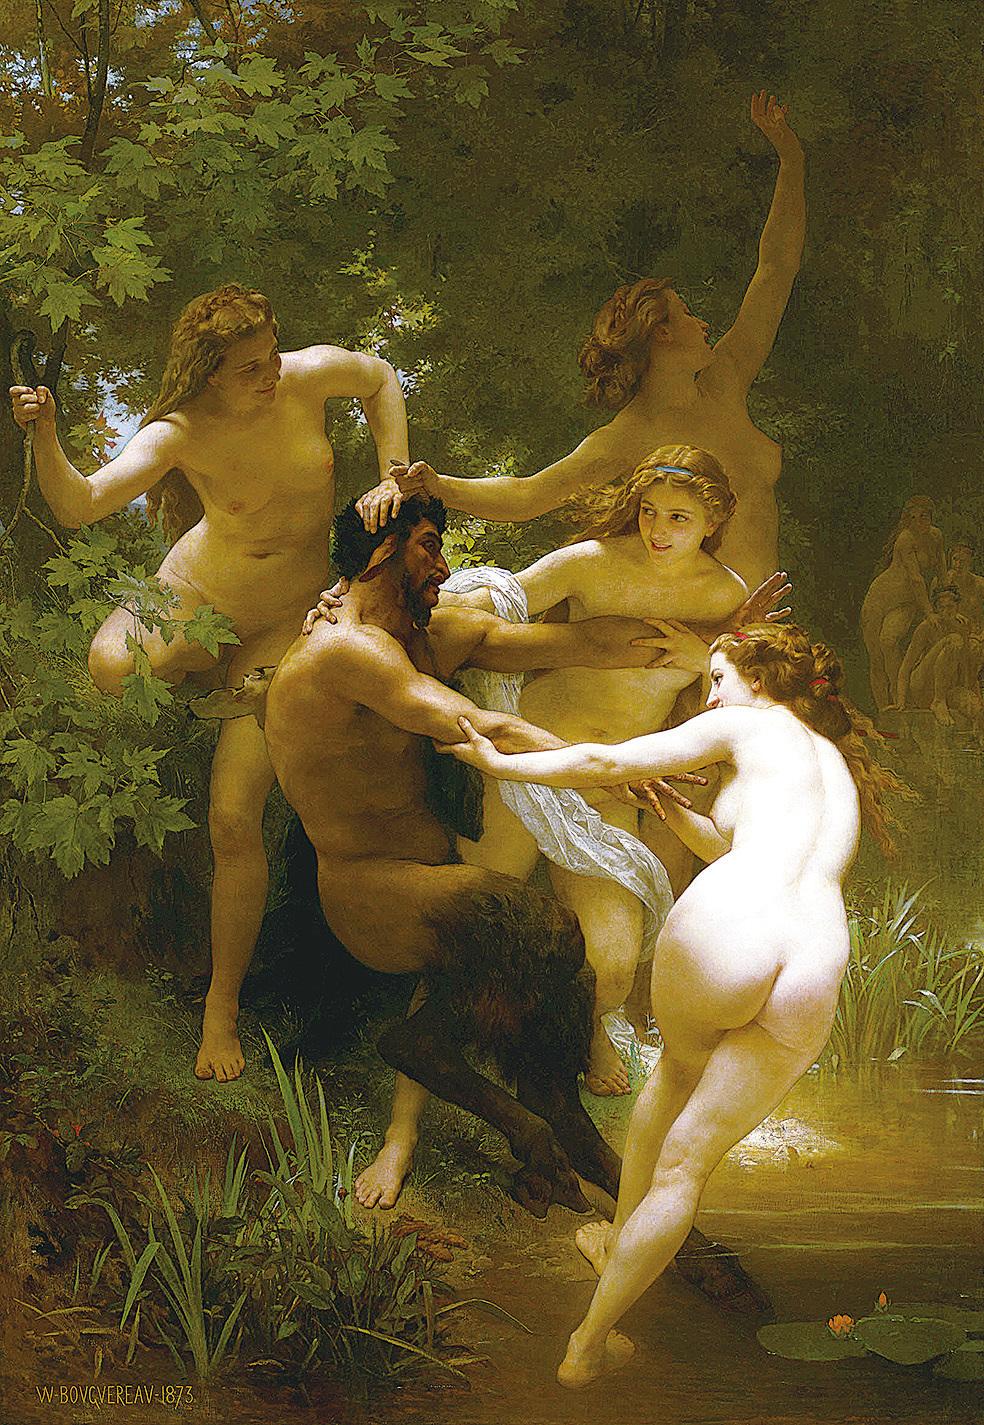 [法]威廉—阿道夫‧布格羅(William-Adolphe Bouguereau),《寧芙與薩提爾》(Nymphes et Satyre,又譯:仙女們與森林之神),布面油畫,1873年作。(斯特林和弗朗辛‧克拉克藝術研究院/藝術復興中心提供)